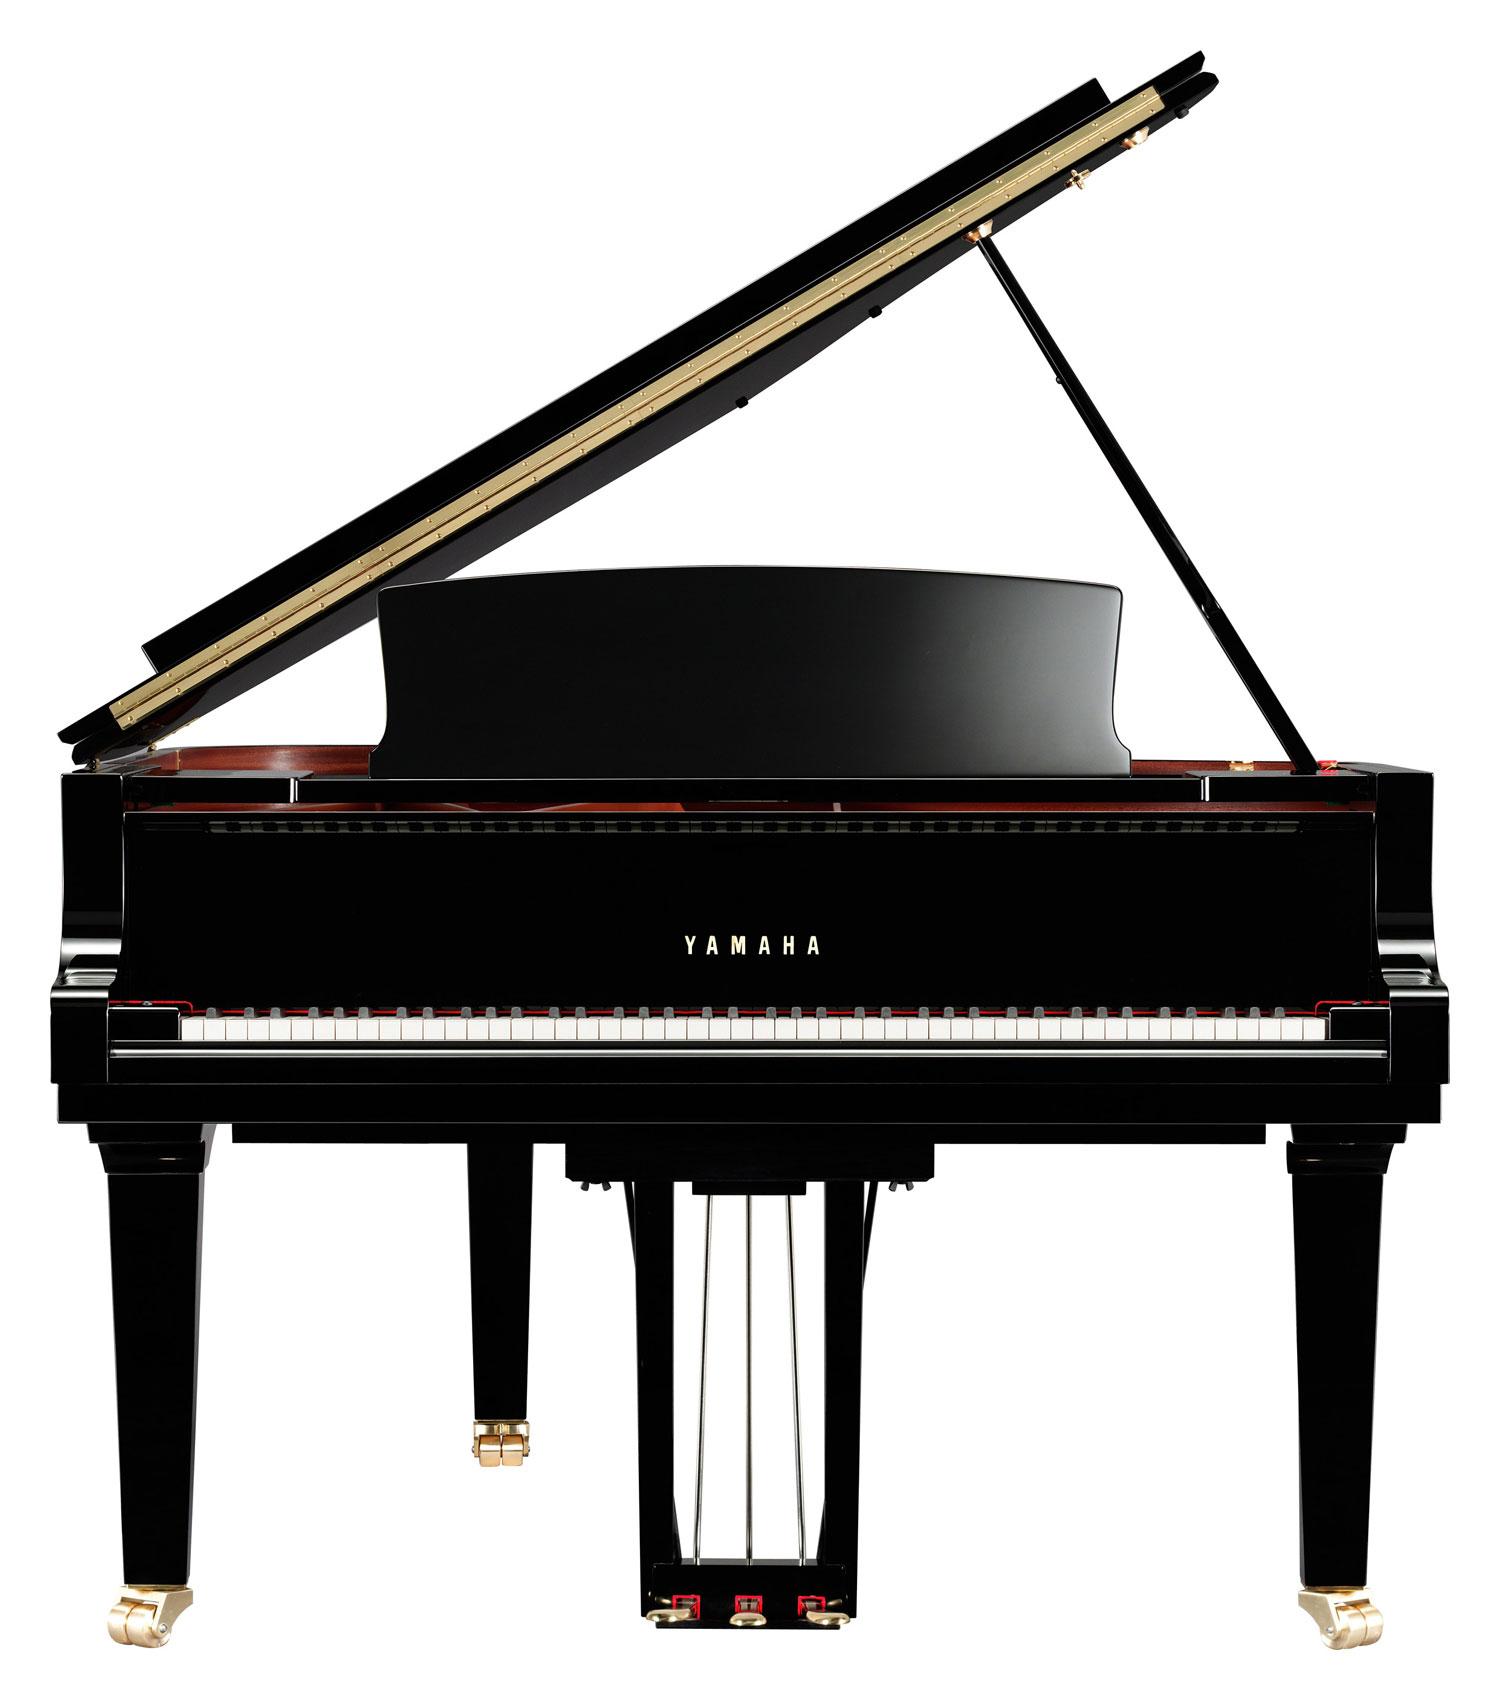 南阳进口三角钢琴特价_大型弹拨类乐器价格-洛阳誉声乐器有限责任公司